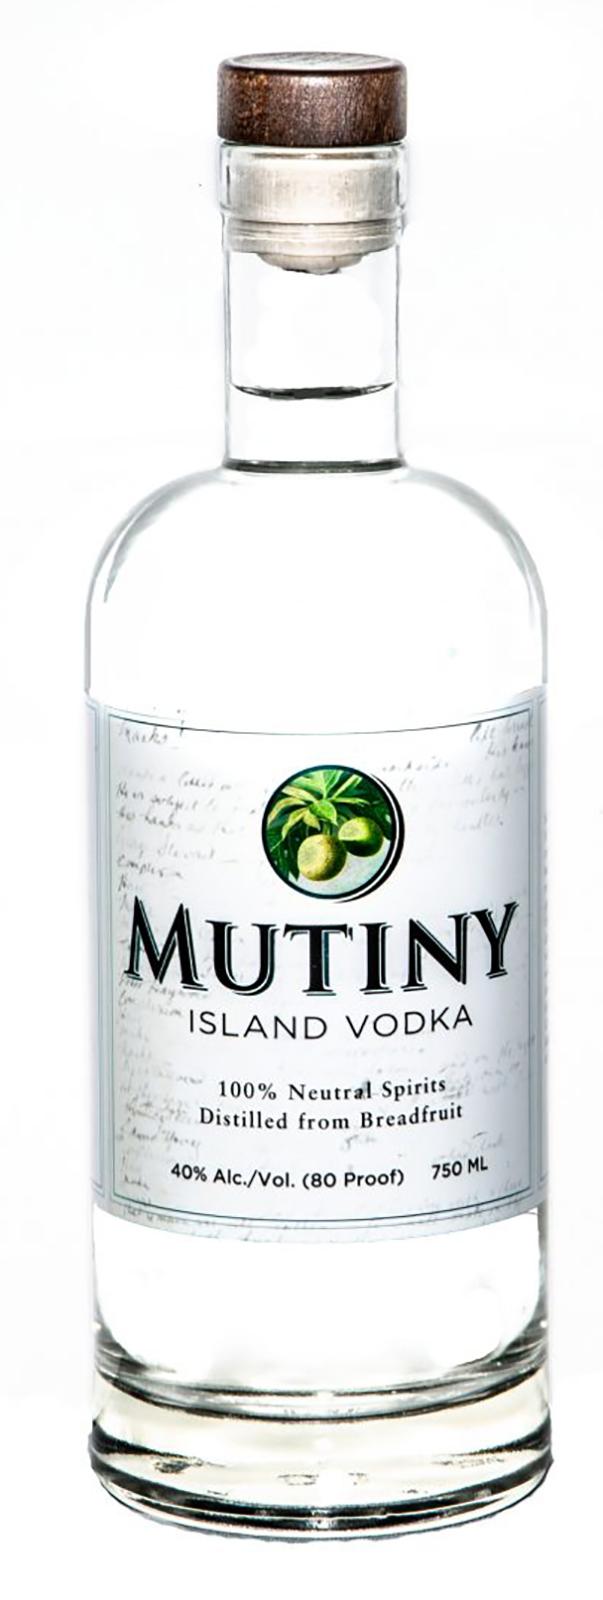 Vodka Mutiny Island de St. Croix, hecha de pana, libre de gluten, sin azúcar añadida y non-gmo, de La Enoteca. (Suministrada)